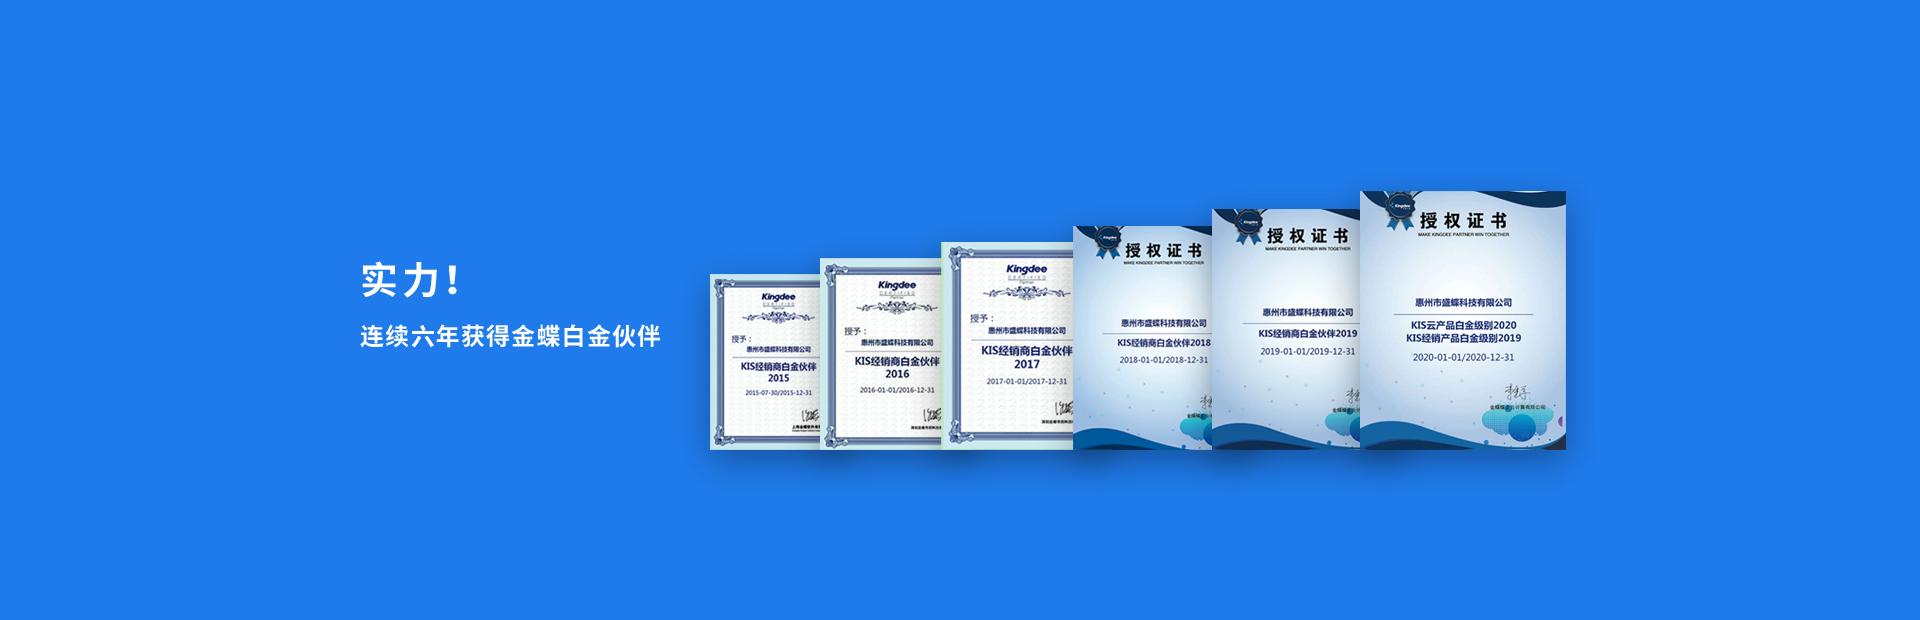 惠州金蝶软件